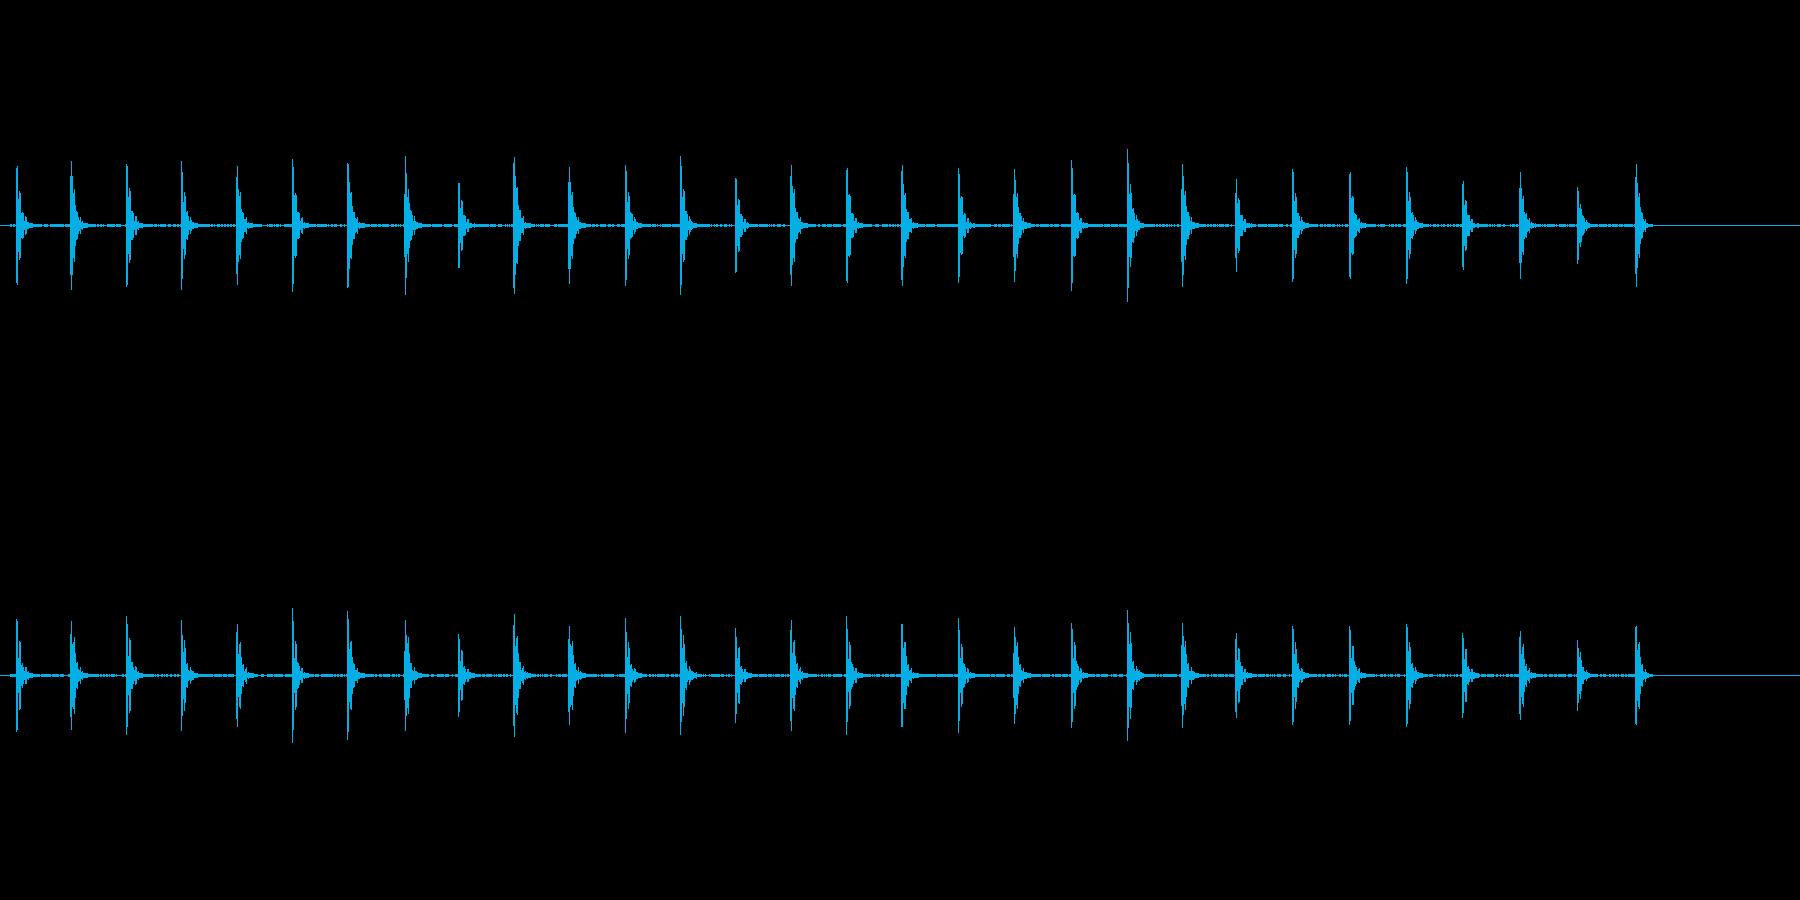 自然の中での木魚(背景音あり)の再生済みの波形